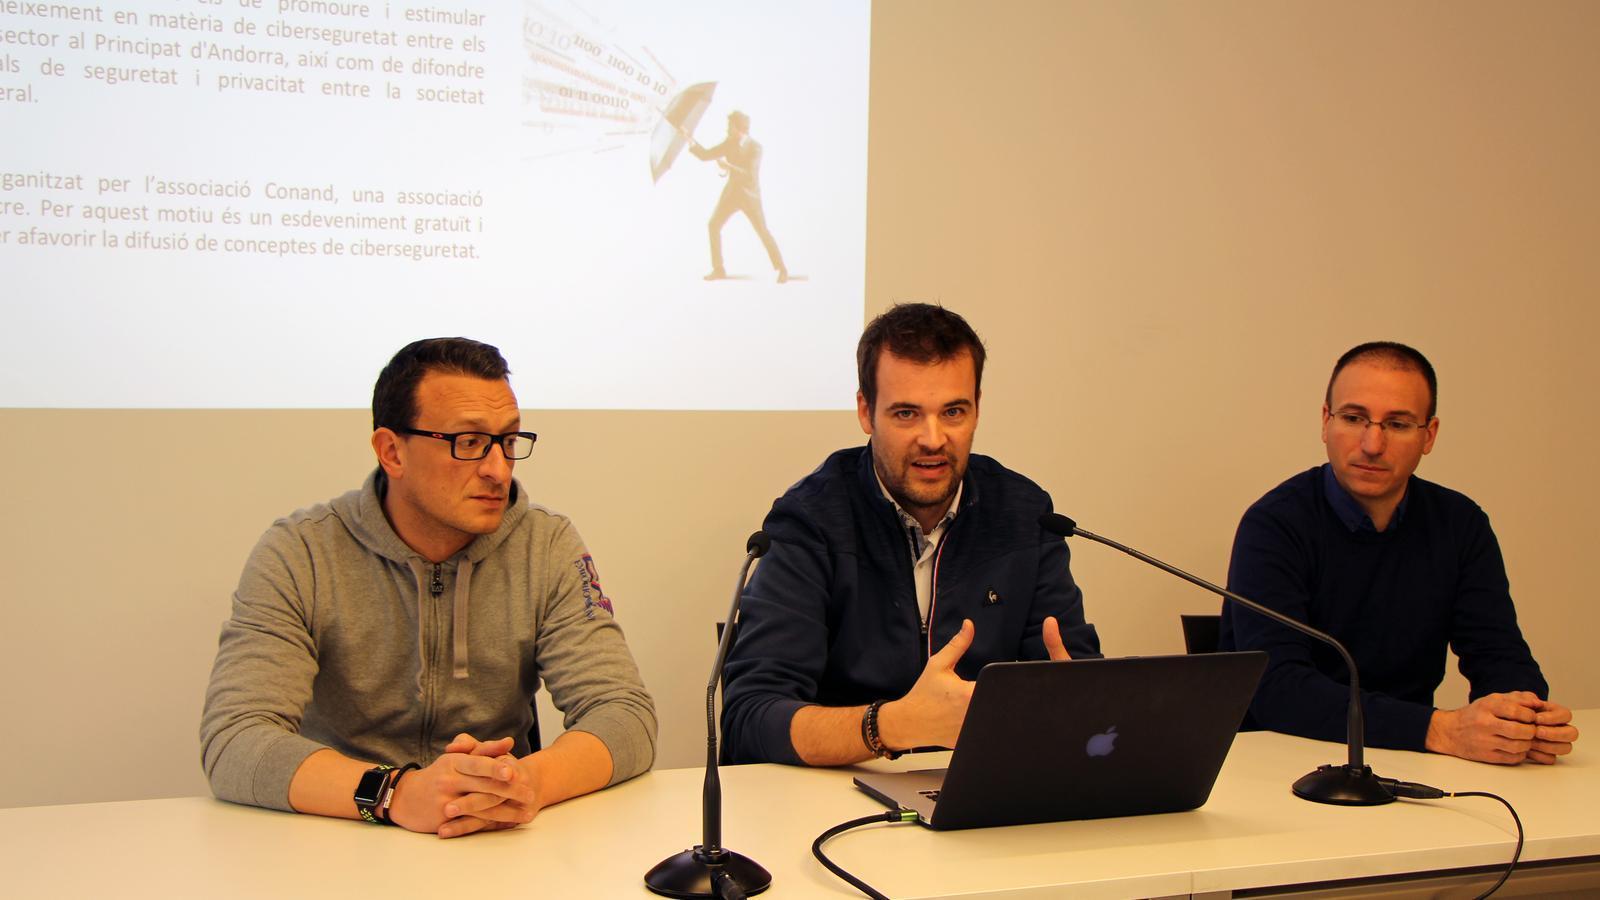 Àlex Estalés, David Julian i Jordi Celades, de l'associació Conand, expliquen els detalls del congrés. / C.G. (ANA)